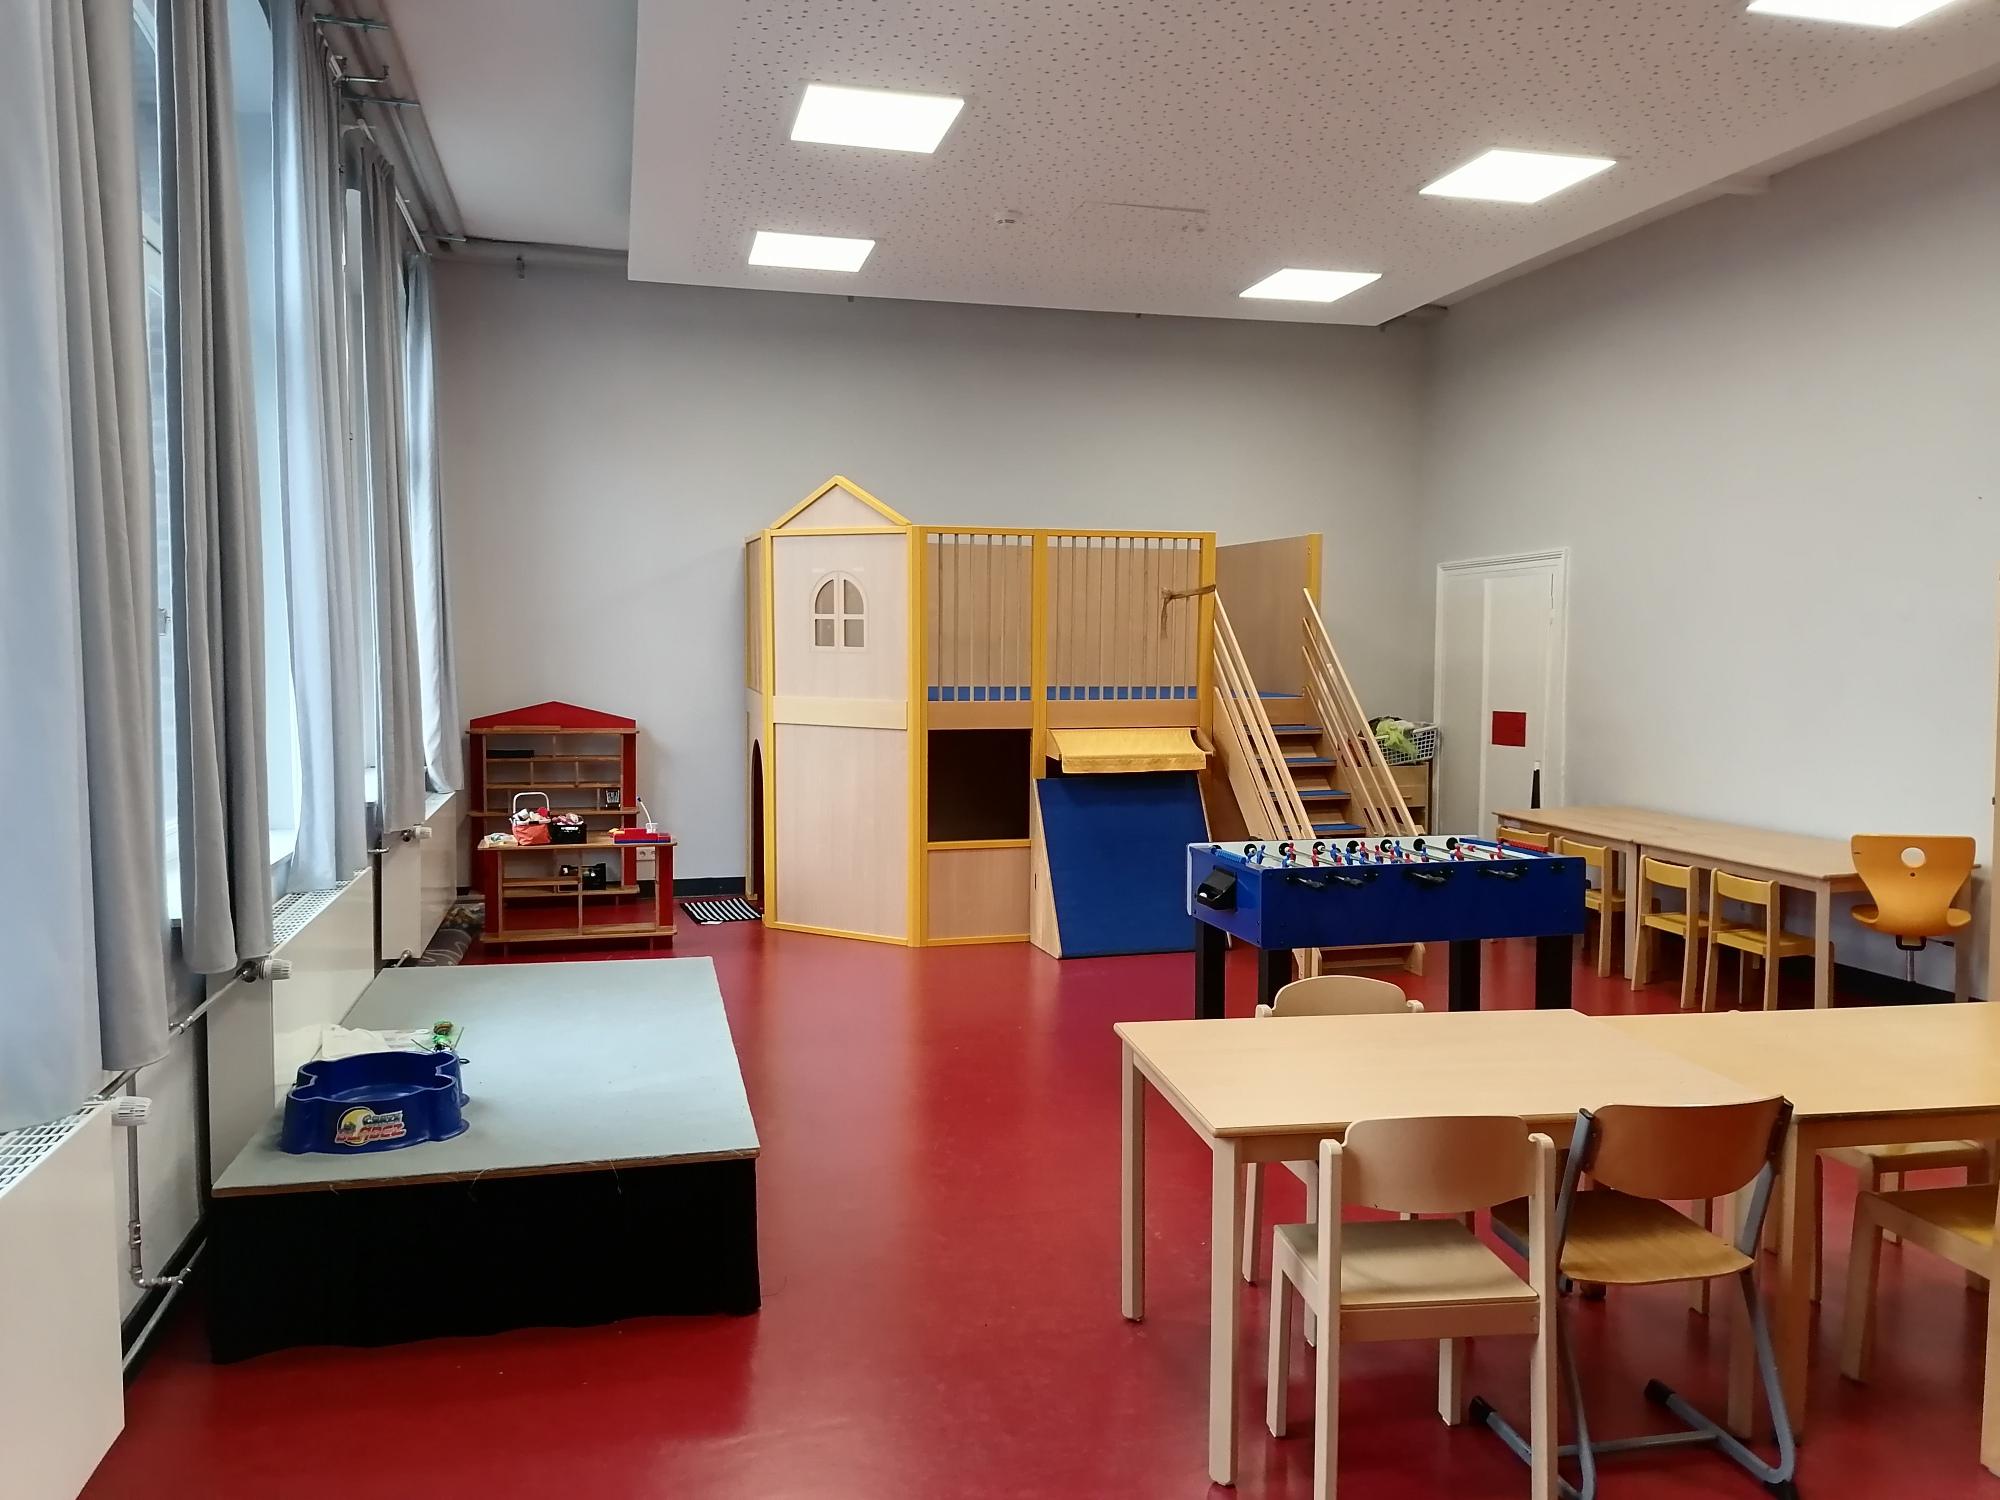 Kyffhäuserstr. 98 Aufenthaltsraum mit Spielhaus